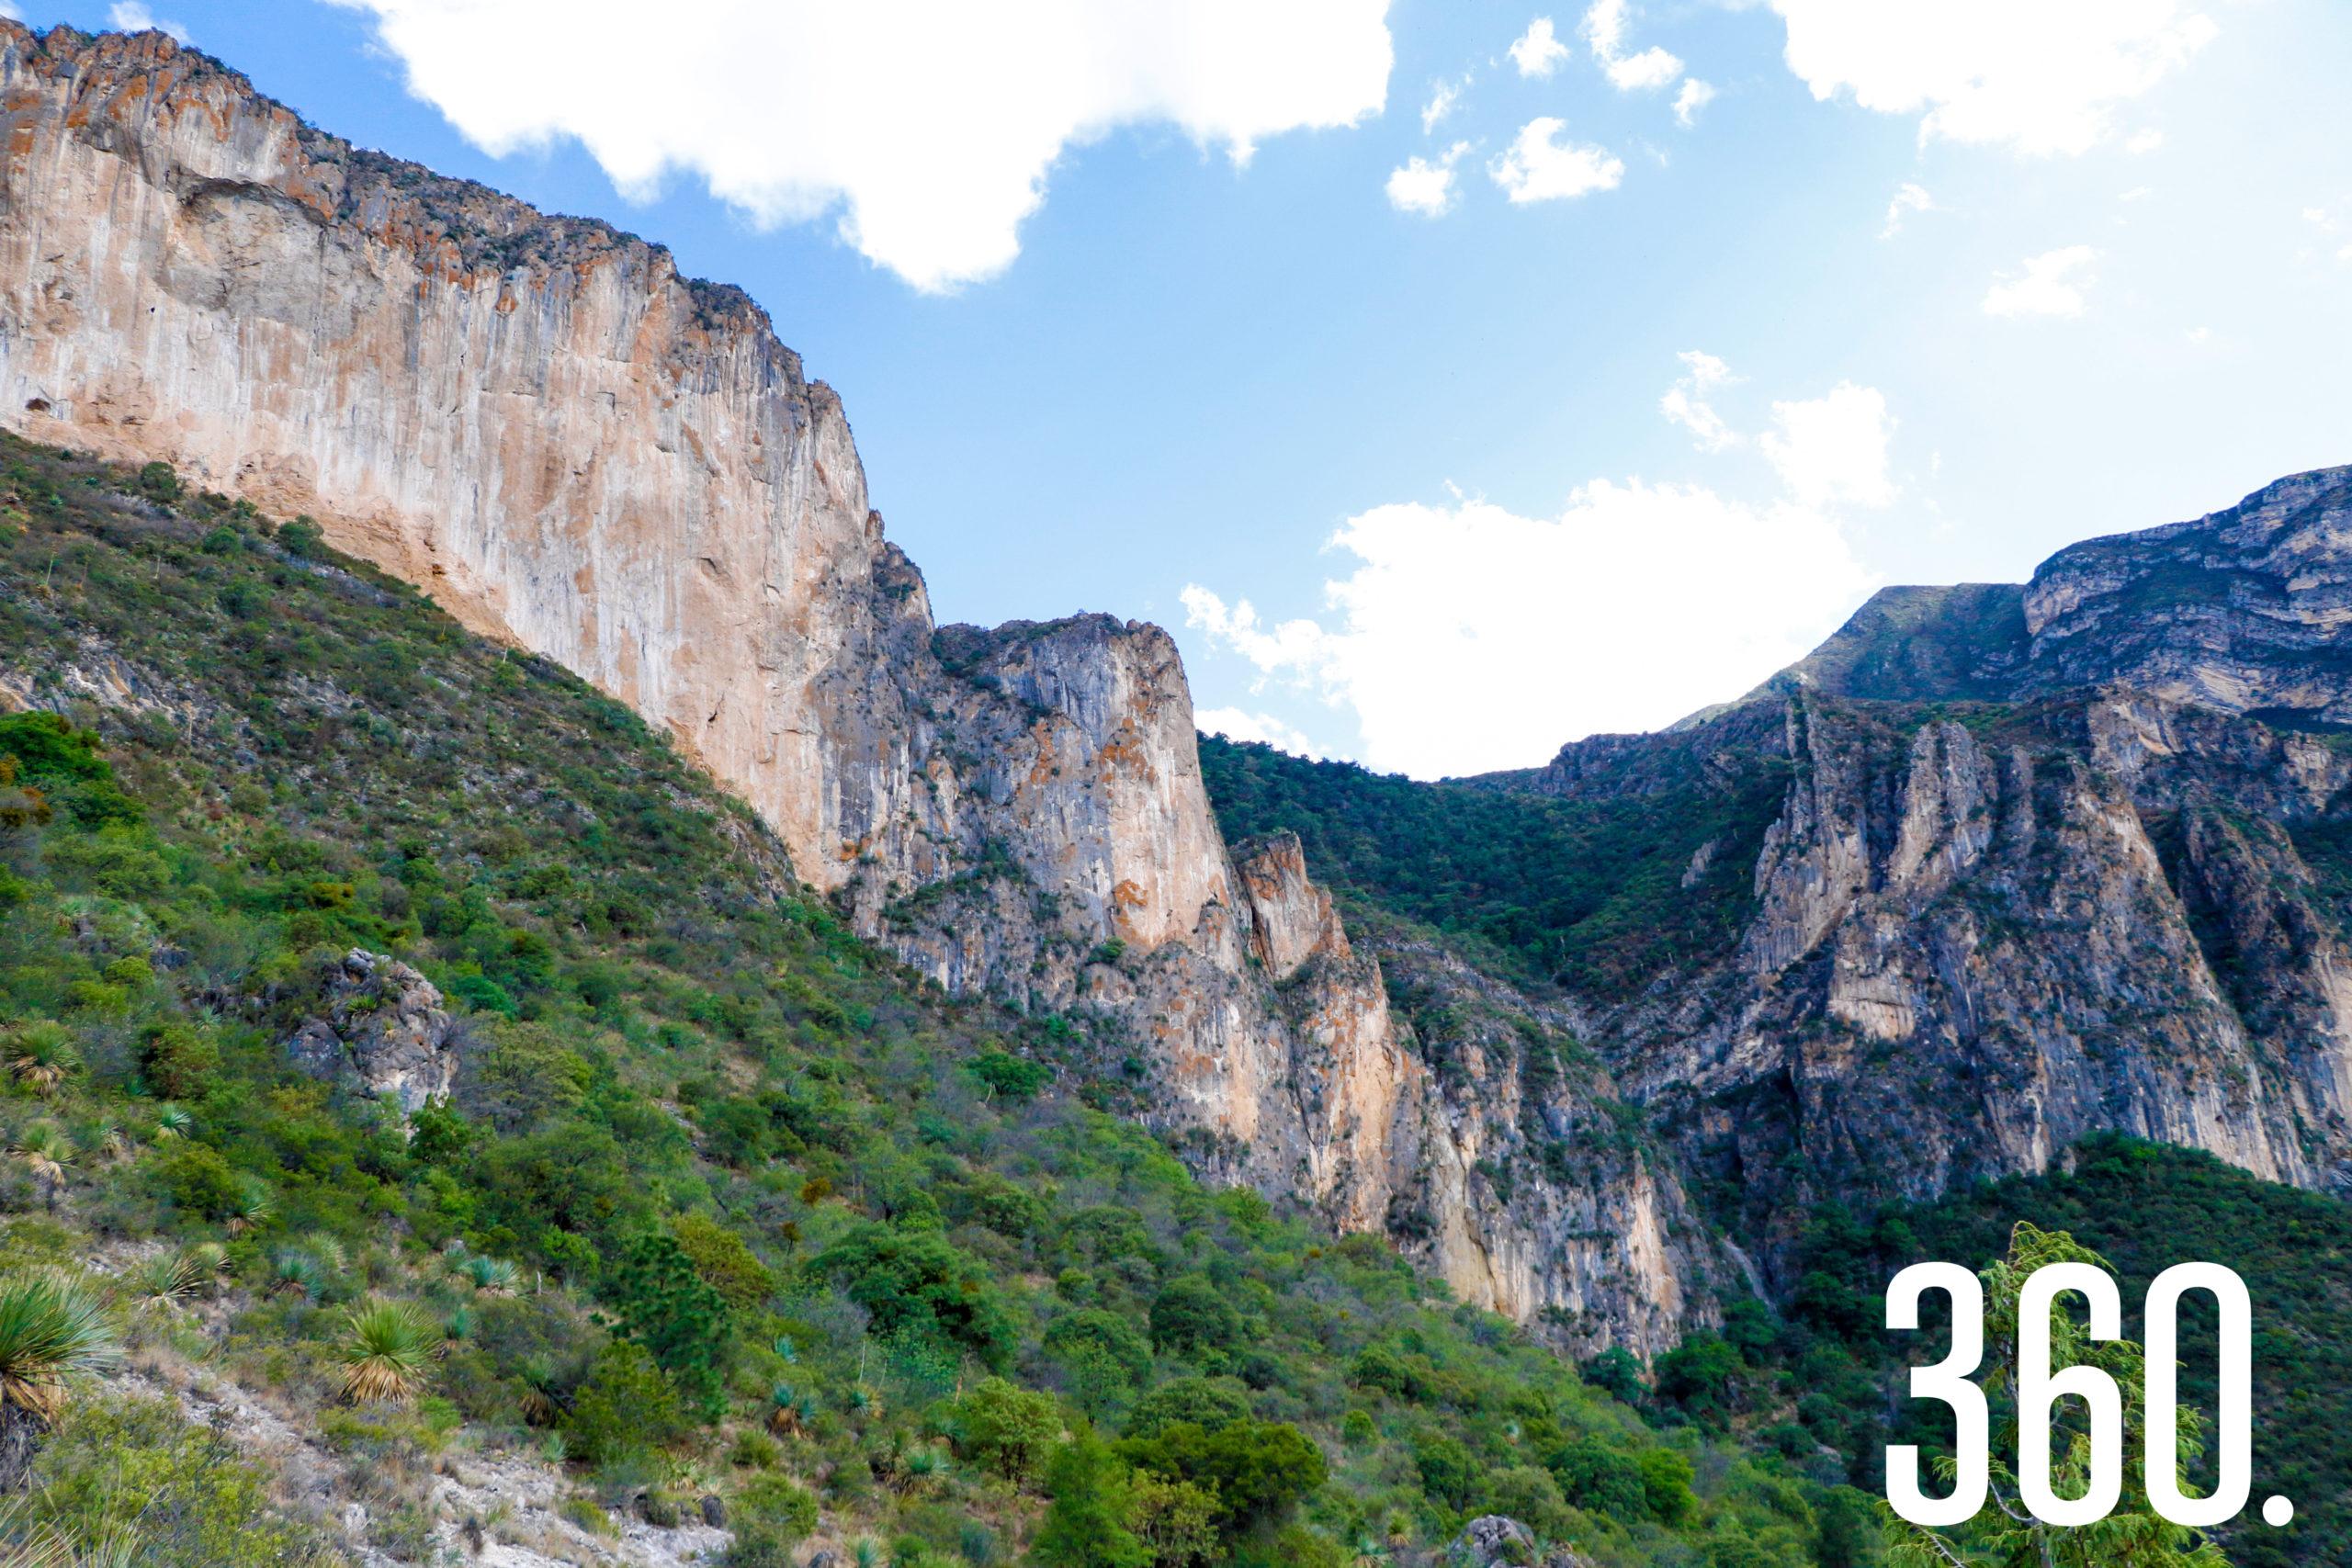 El cañón de San Lorenzo es uno de los tesoros naturales más grandes de Saltillo.